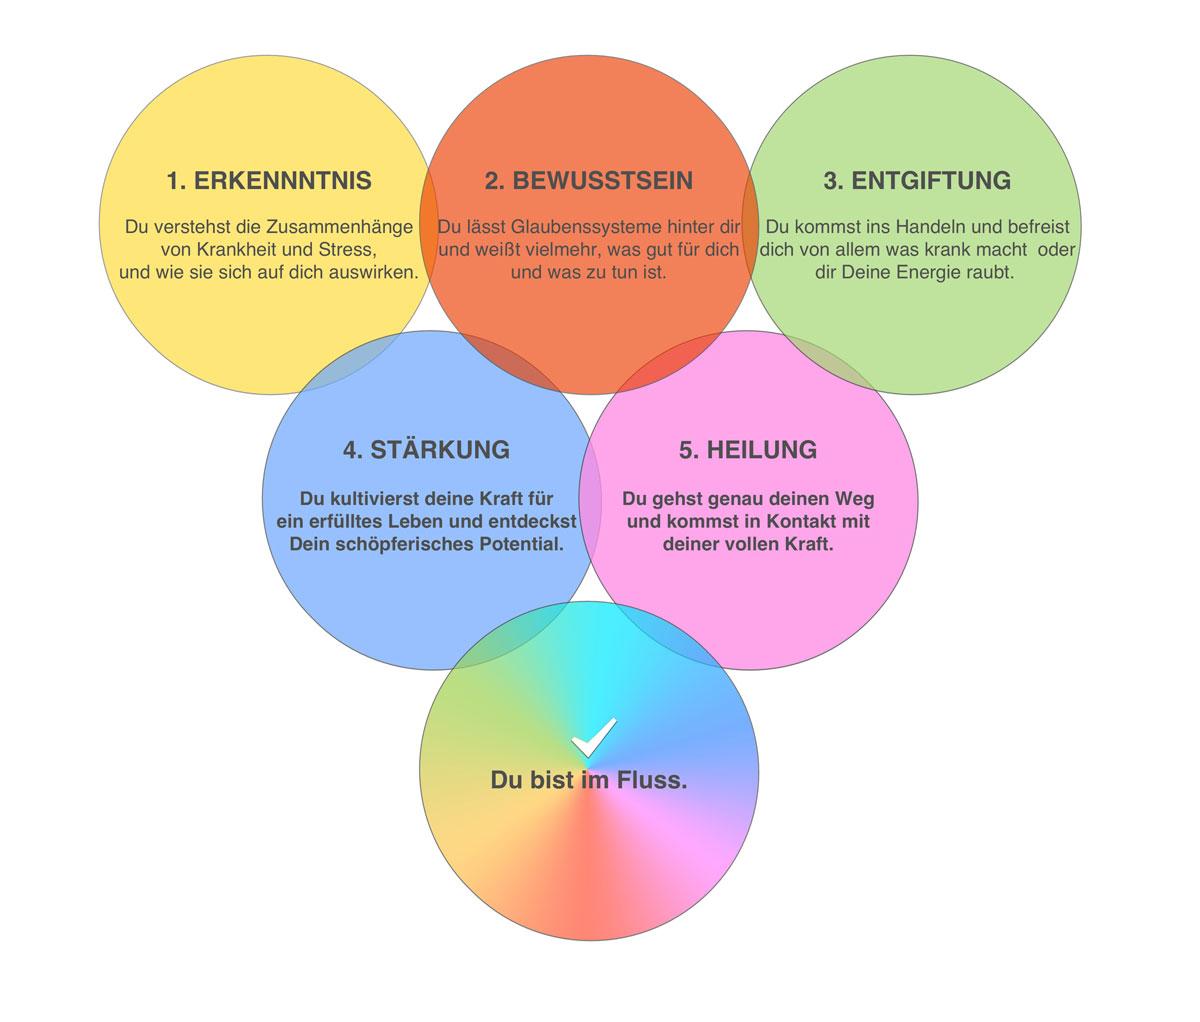 5 Phasen - Erkenntnis - Bewusstsein - Entgiftung - Heilung - Stärkung